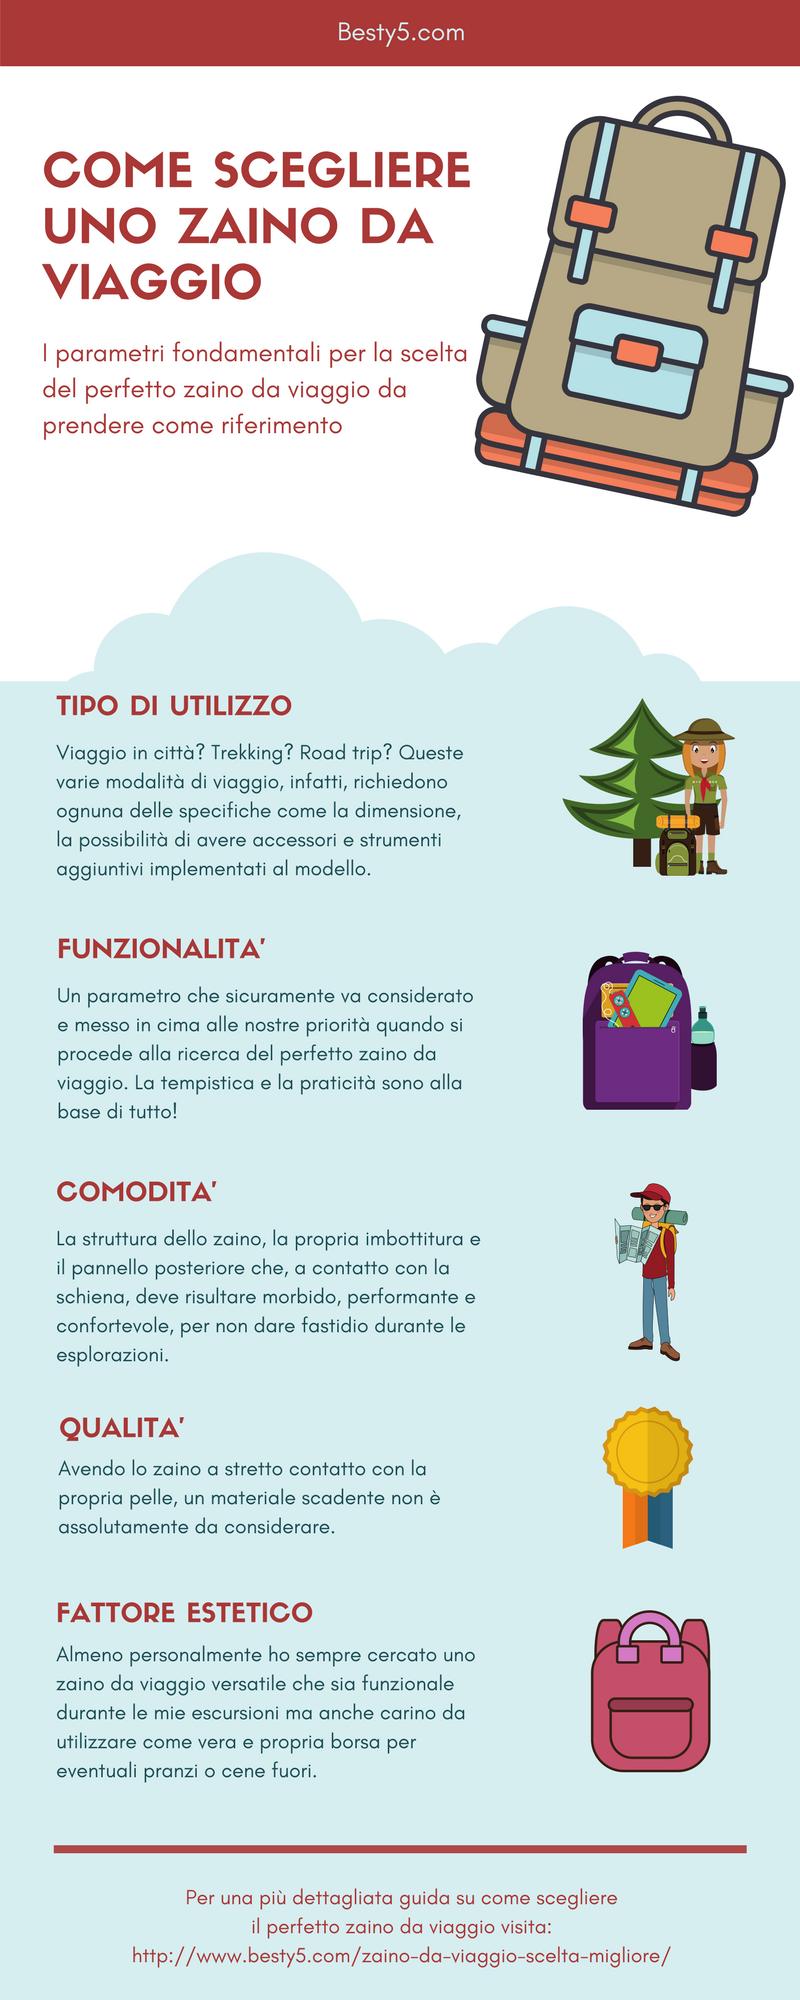 Come scegliere uno zaino da viaggio - Infografica - besty5.com